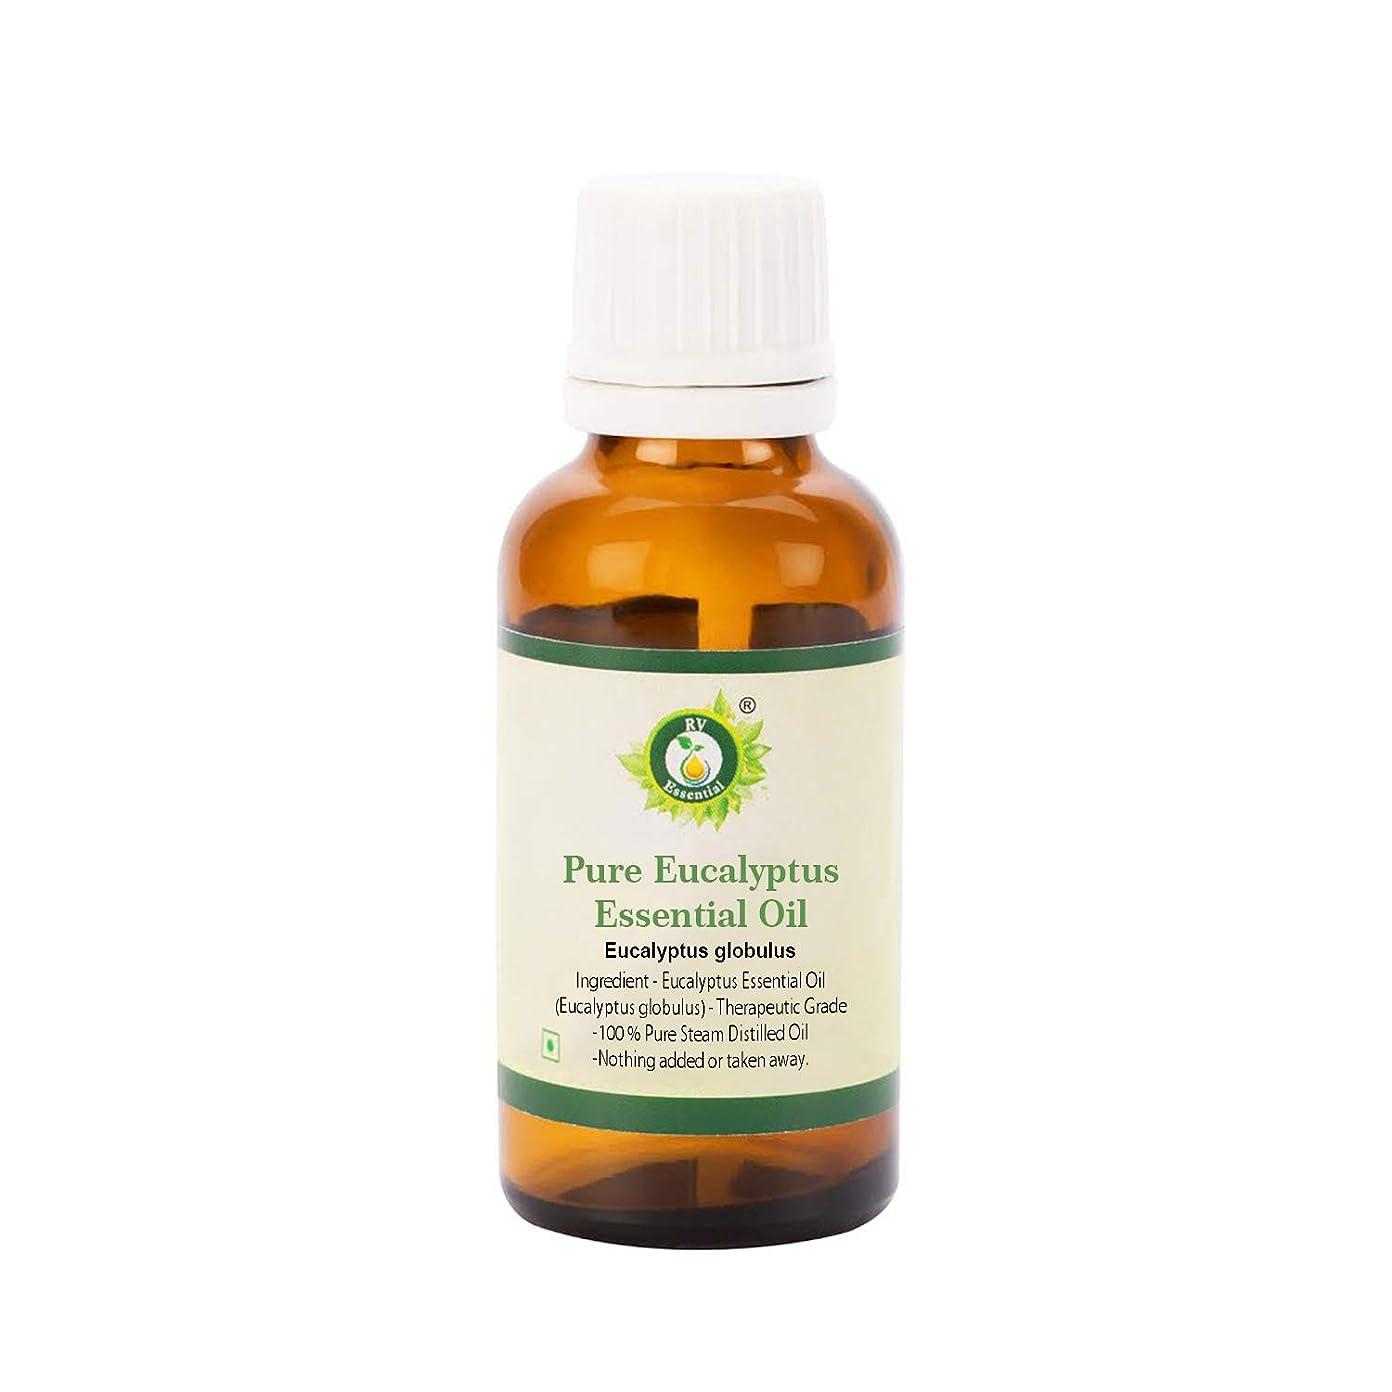 国民盟主死すべきR V Essential ピュアユーカリエッセンシャルオイル10ml (0.338oz)- Eucalyptus globulus (100%純粋&天然スチームDistilled) Pure Eucalyptus Essential Oil